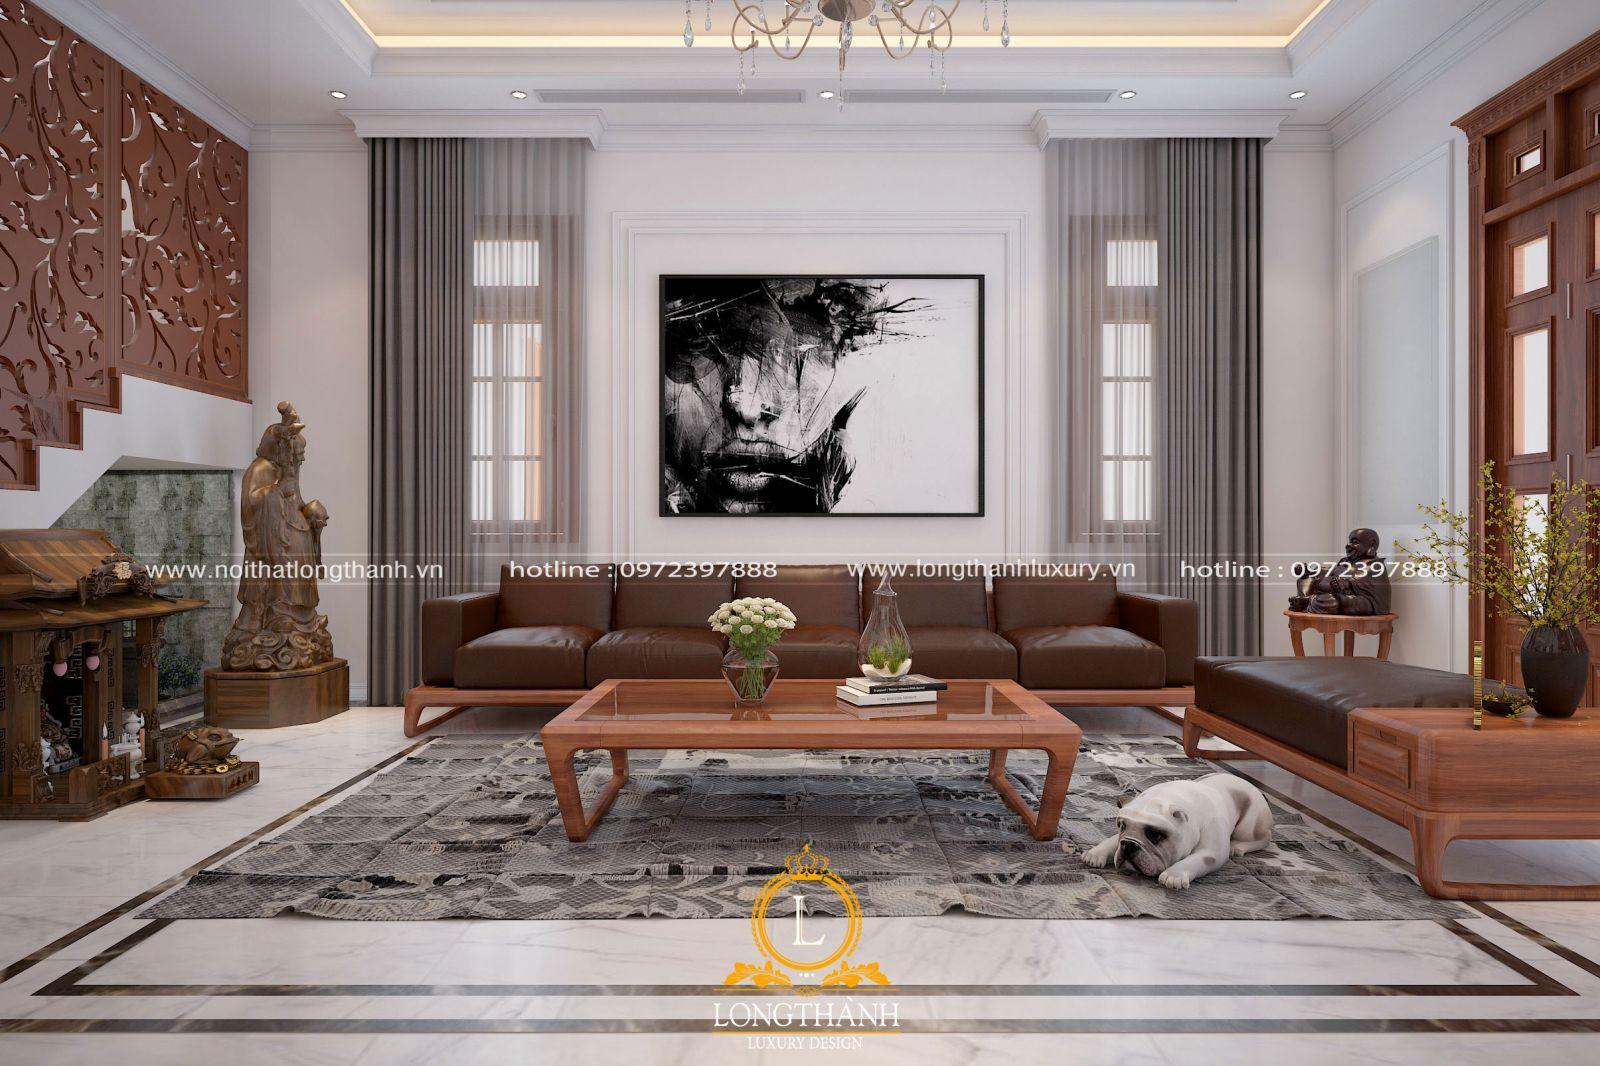 Bộ sofa chữ L được lựa chọn sử dụng trong phòng khách nhà ống